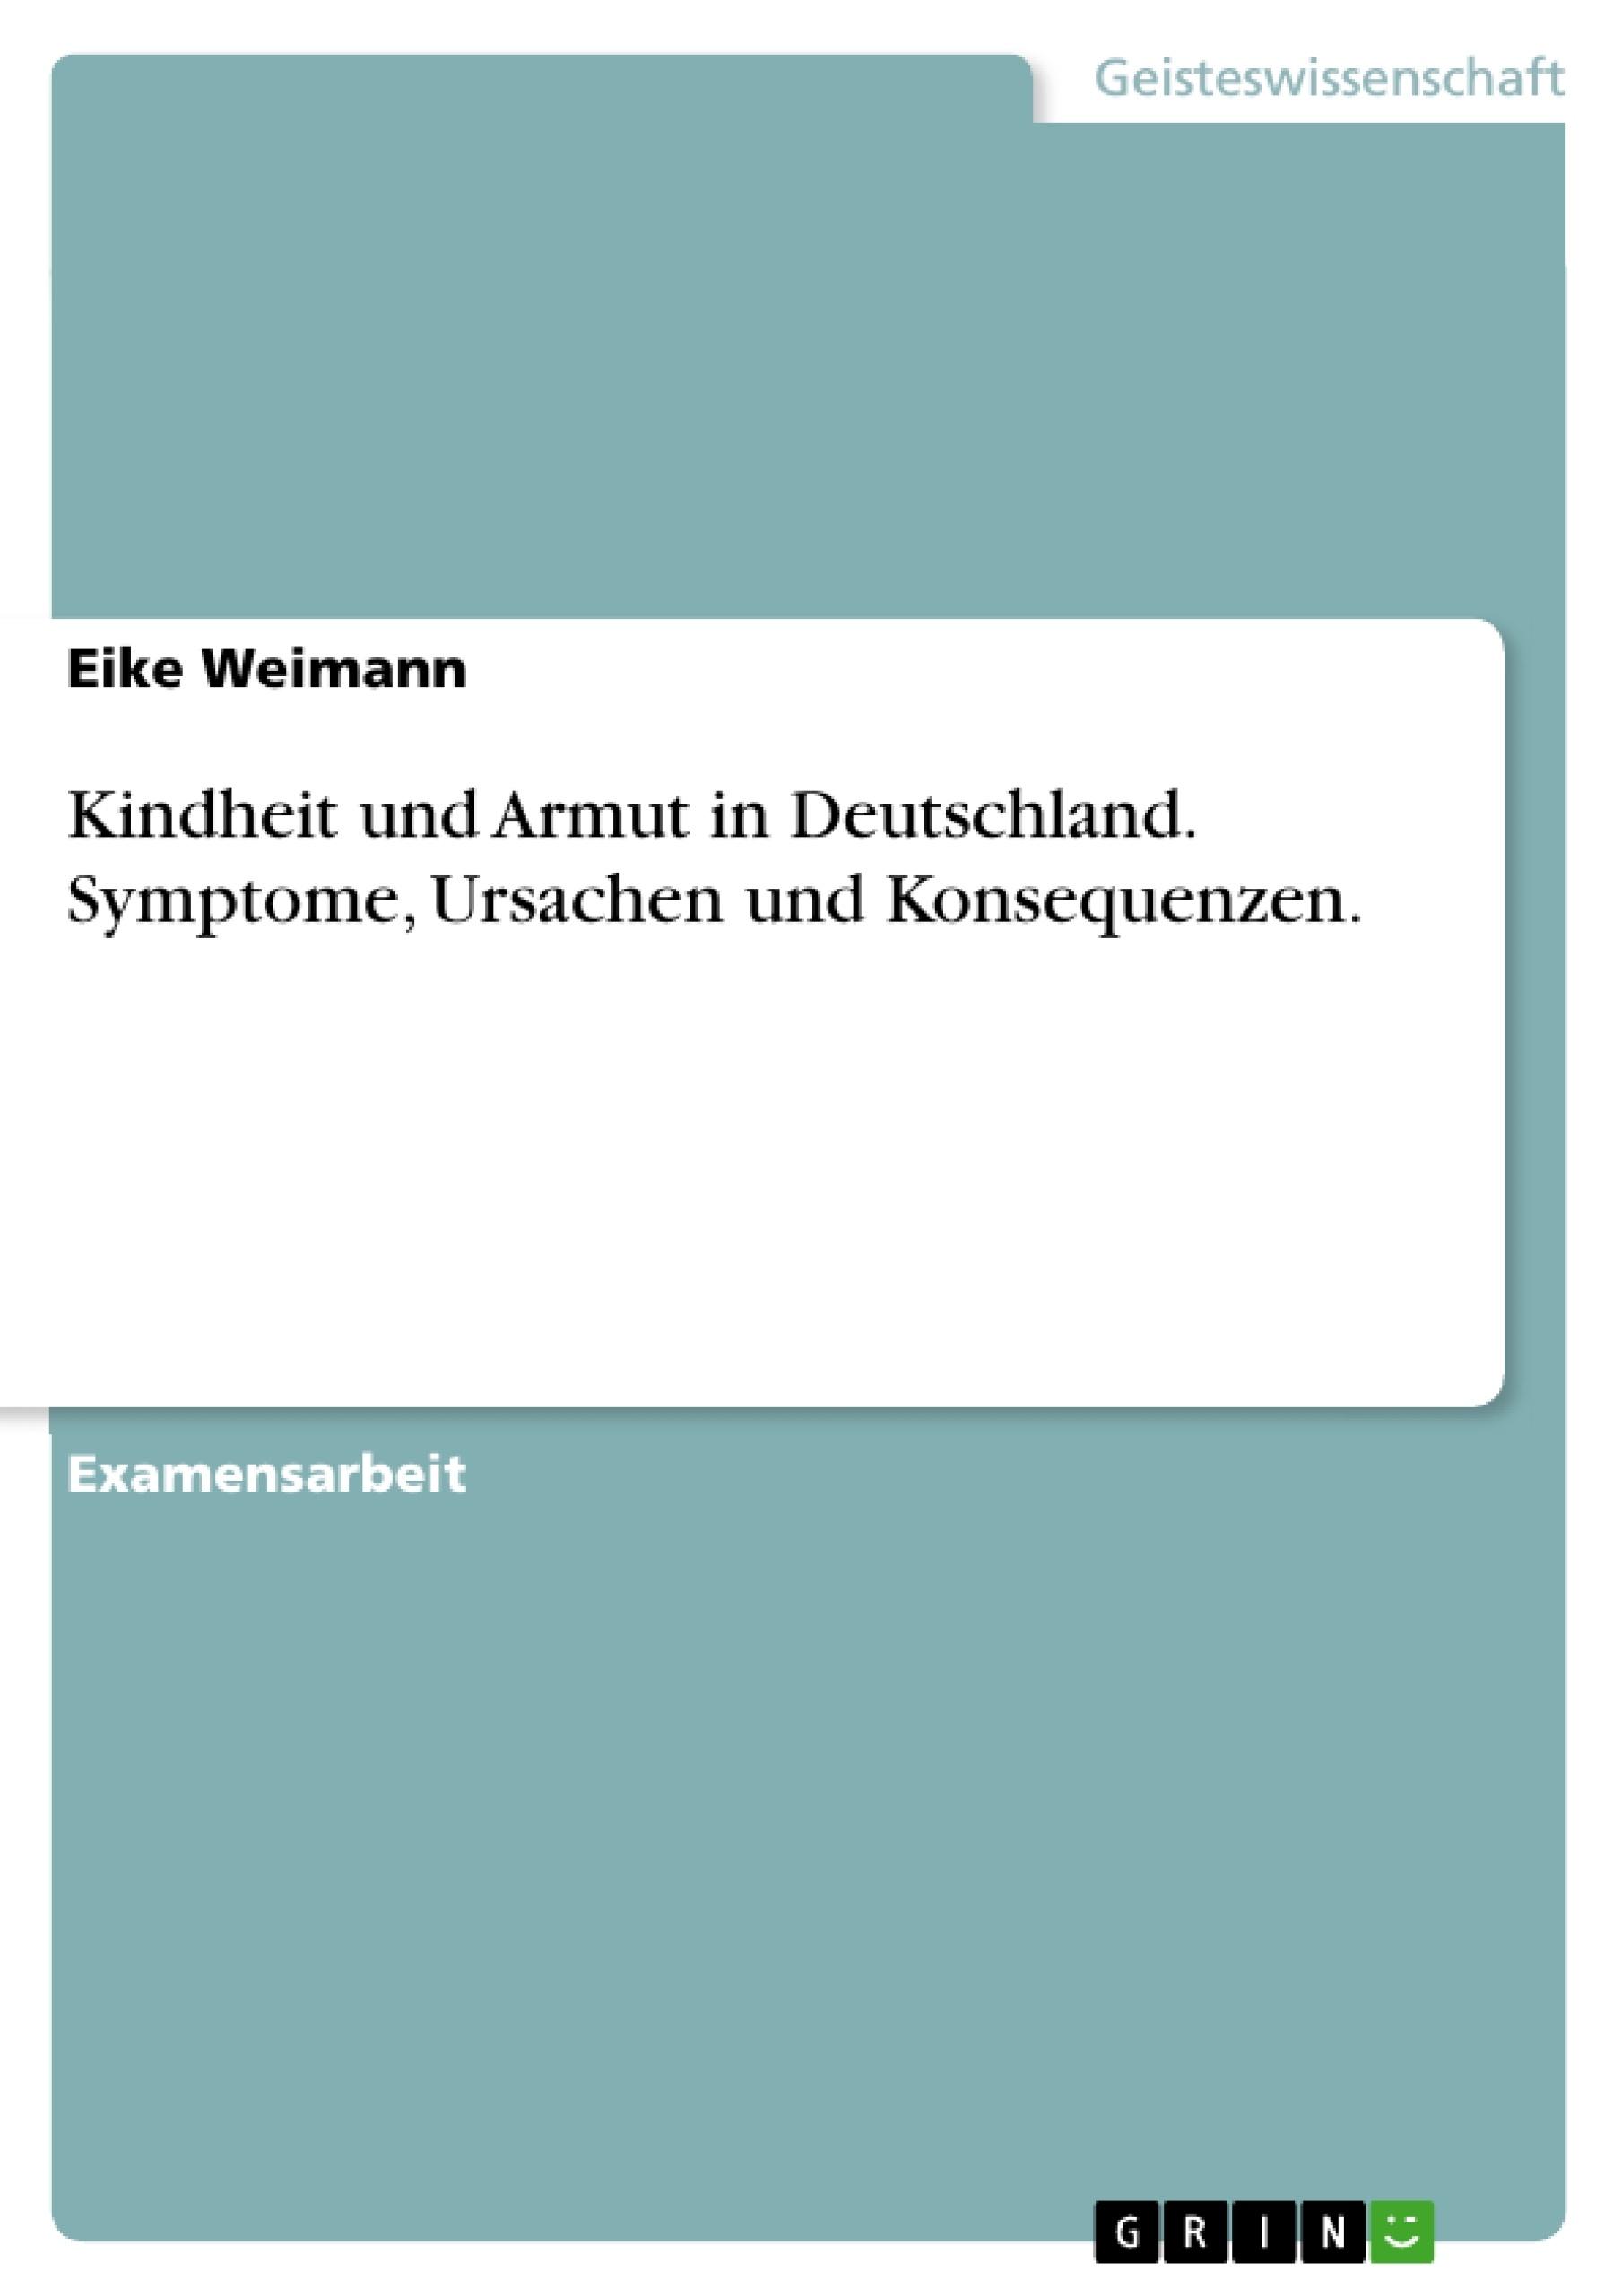 Titel: Kindheit und Armut in Deutschland. Symptome, Ursachen und Konsequenzen.